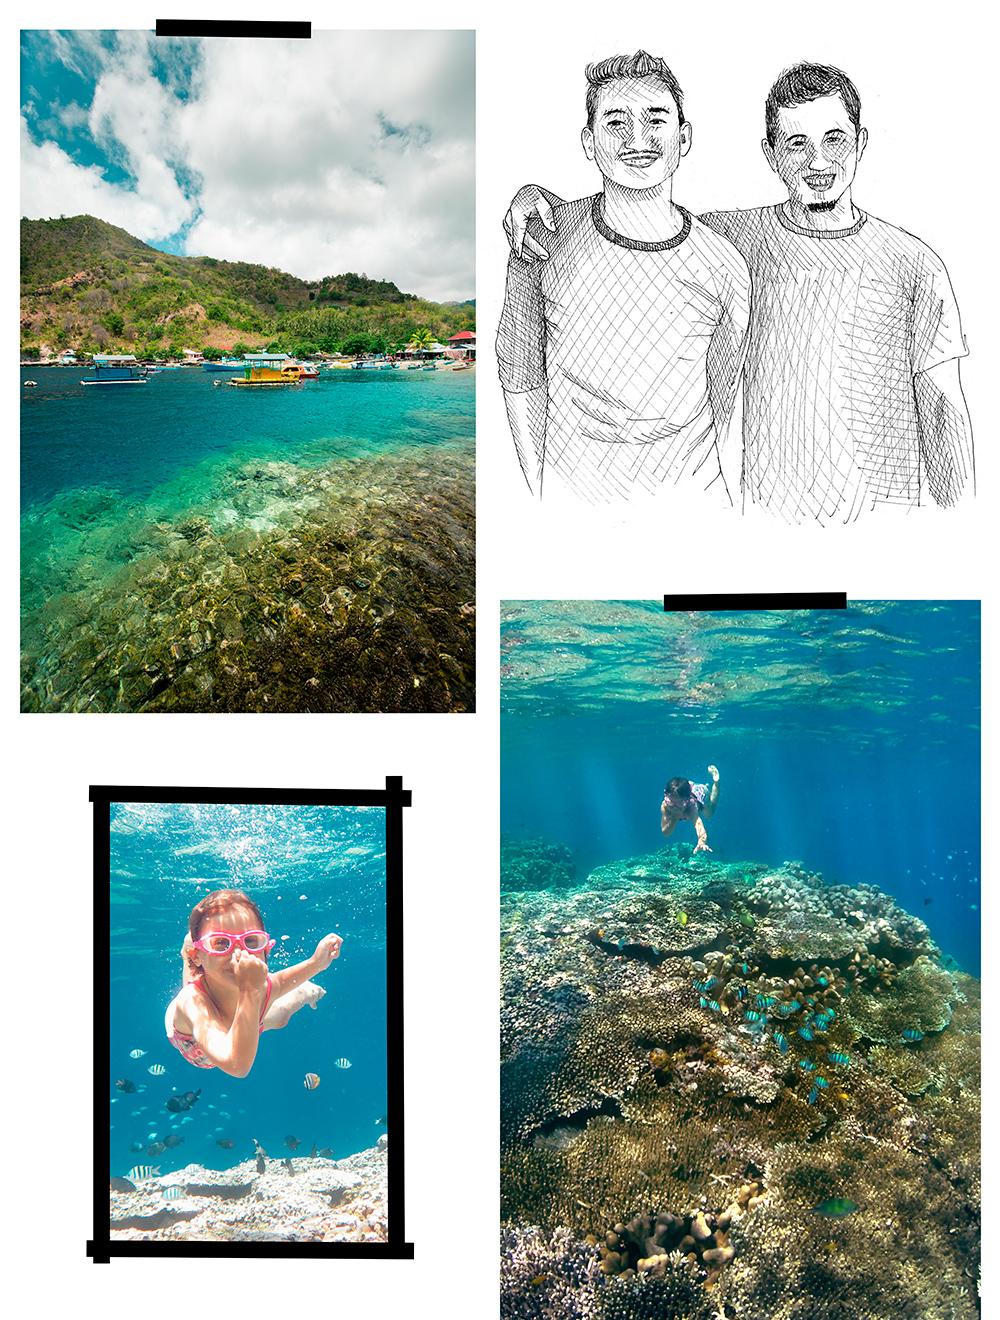 snorkeling à sulawesi : olele